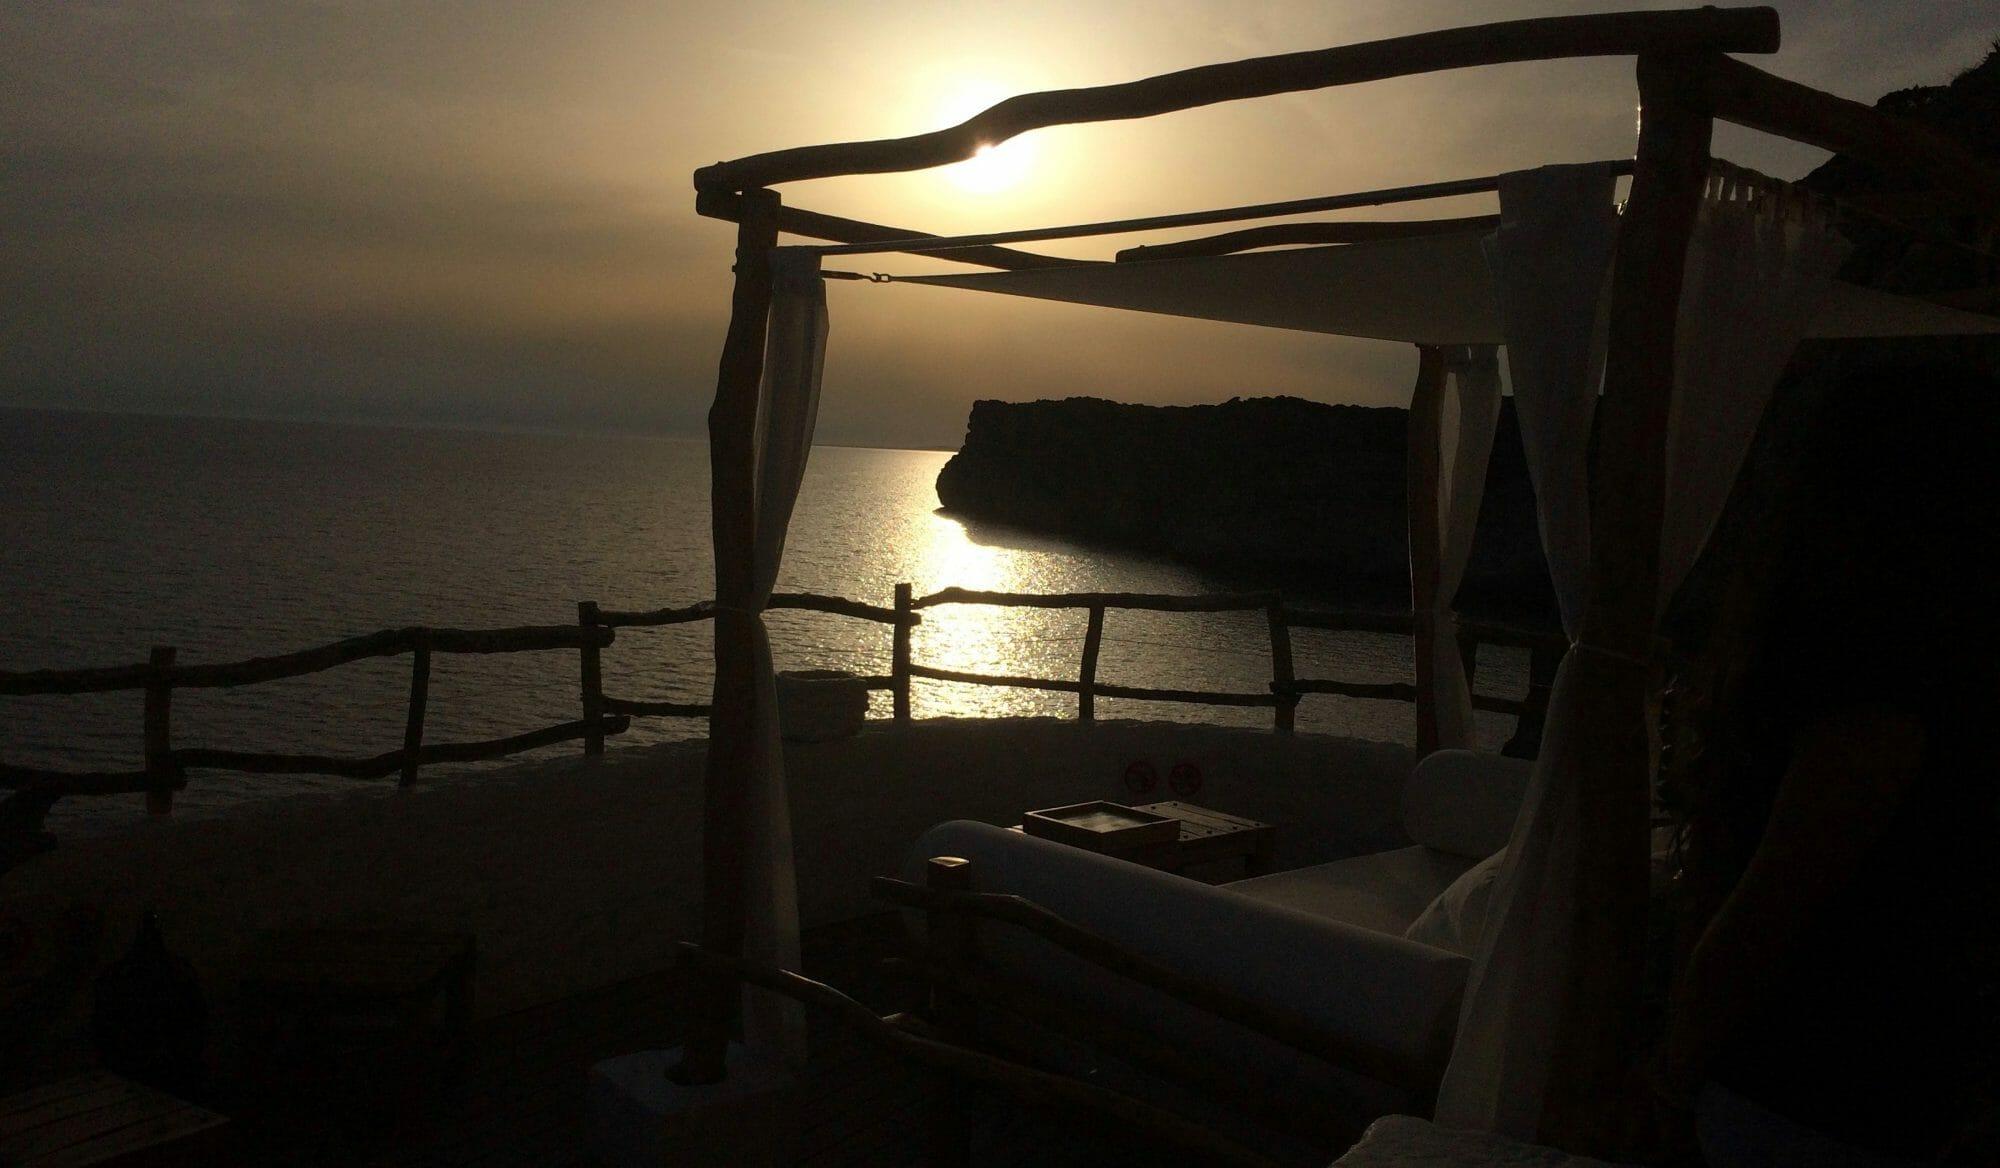 Vista de la puesta de sol en la Cova de En Xoroi, Menorca